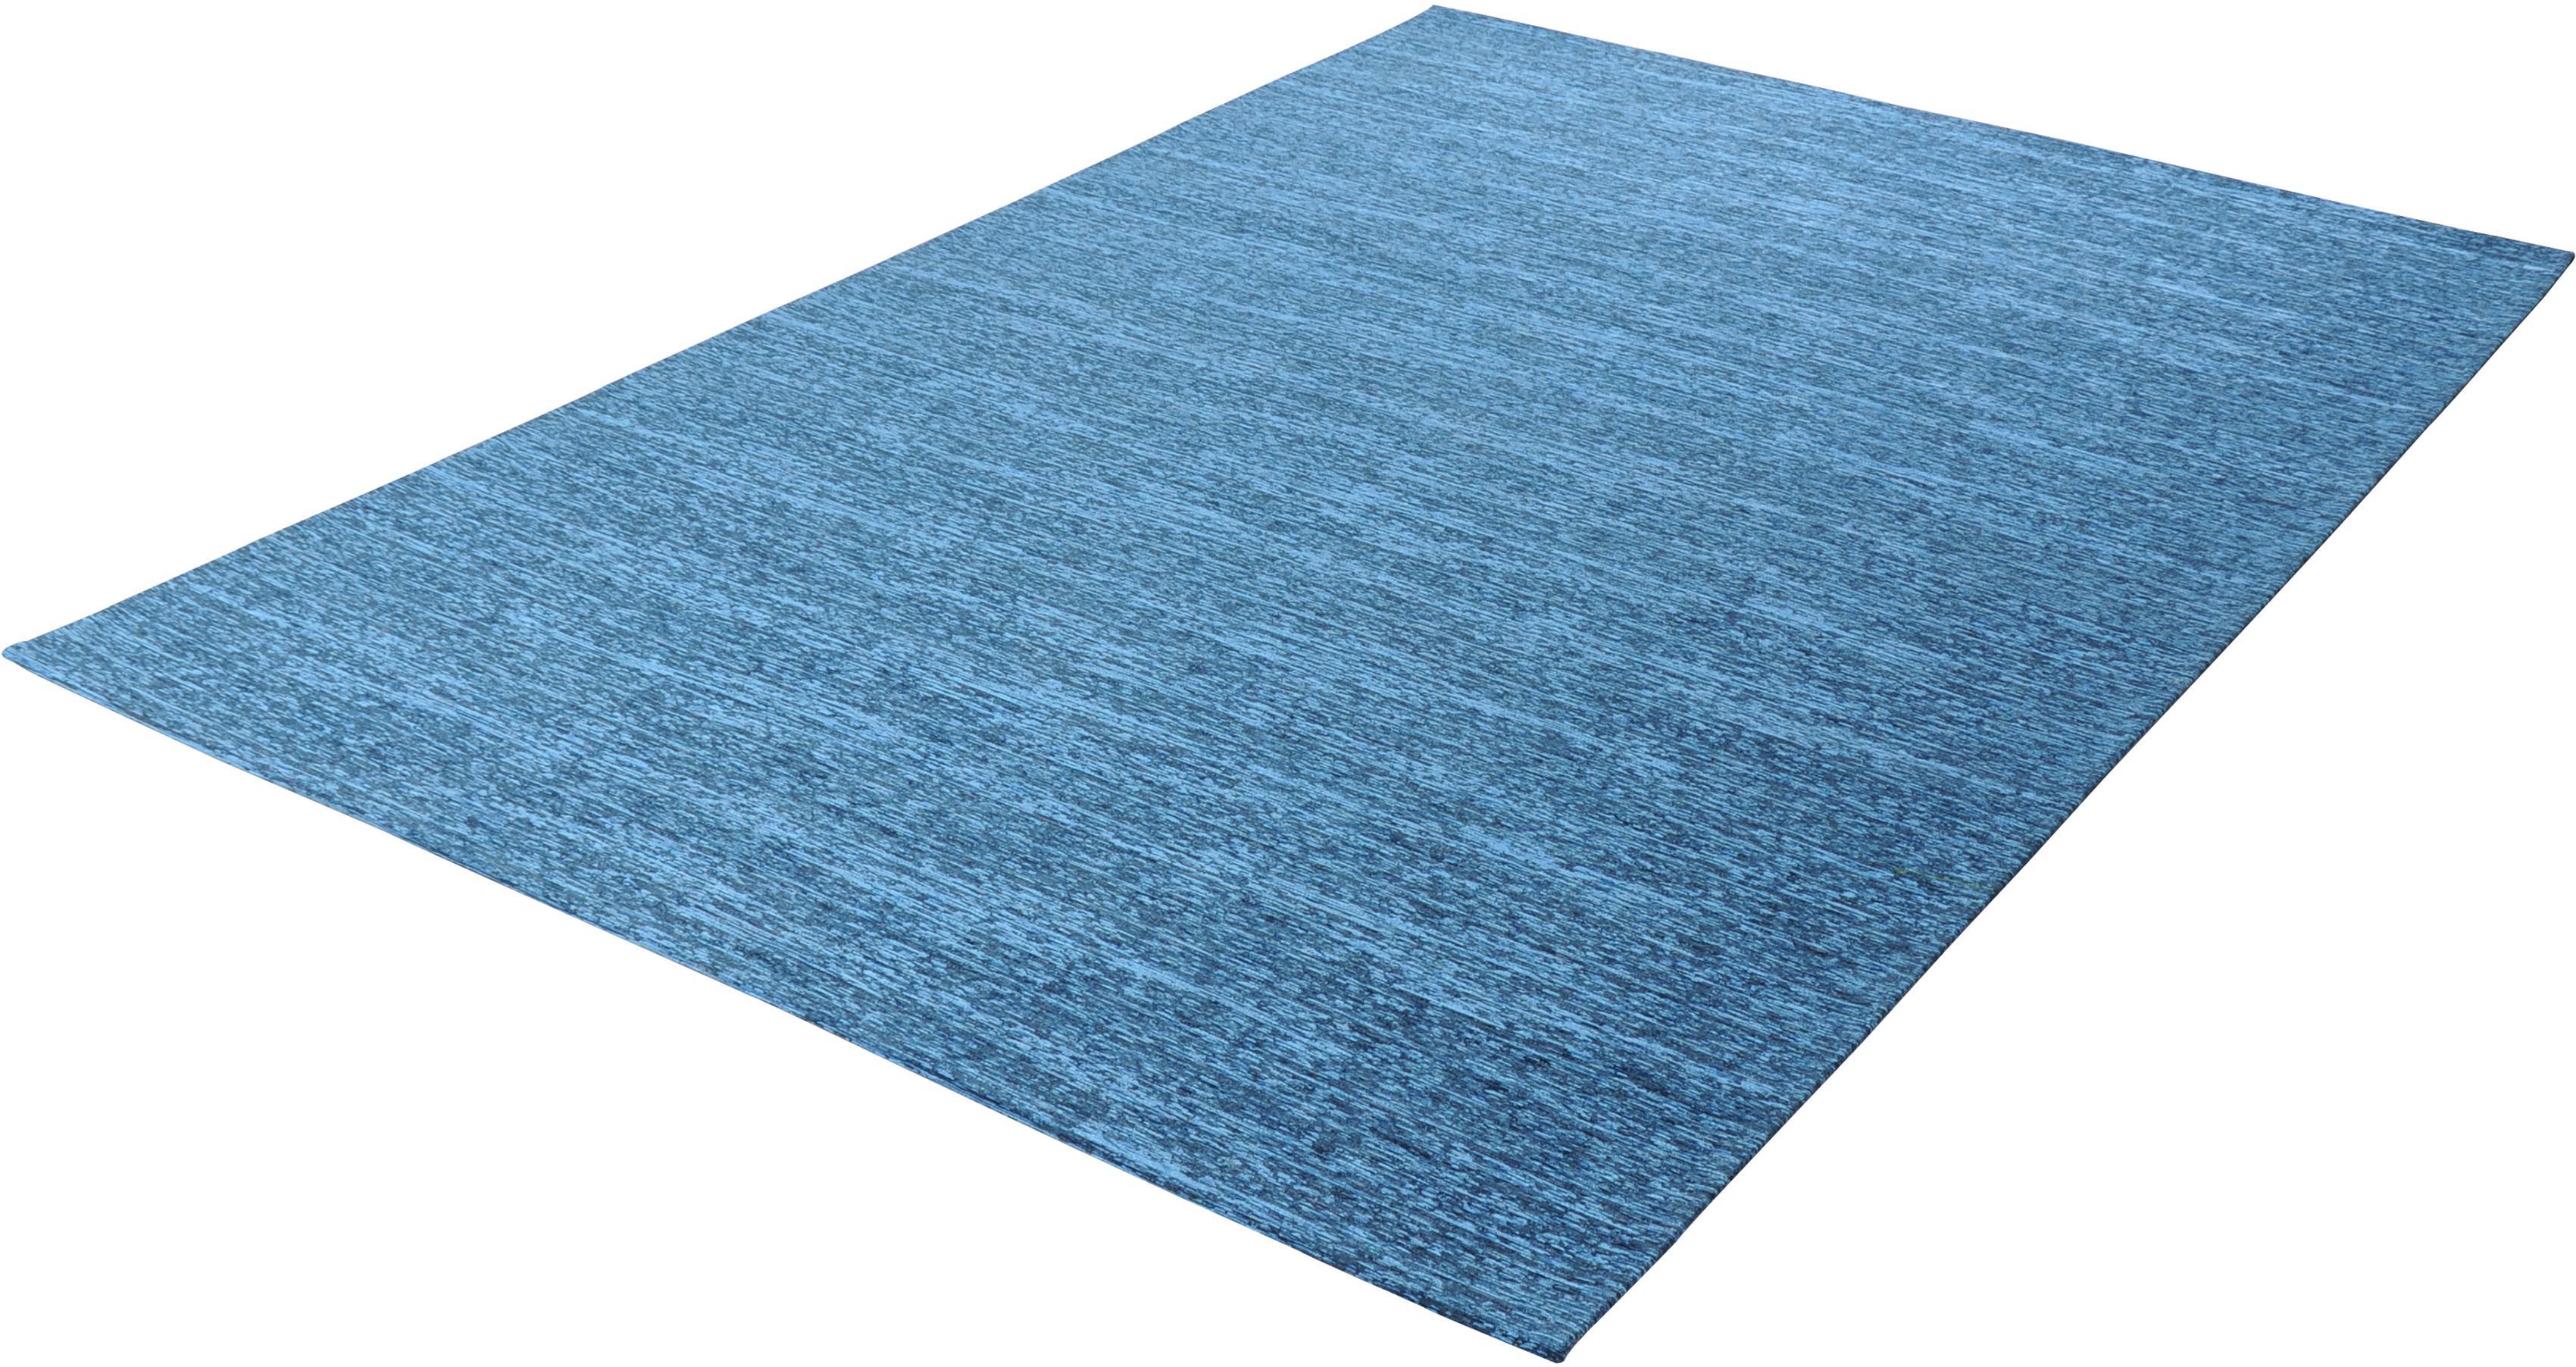 Teppich, »Kapstadt uni«, THEKO, rechteckig, Höhe 5 mm, maschinell gewebt | Heimtextilien > Teppiche > Sonstige-Teppiche | Blau | THEKO